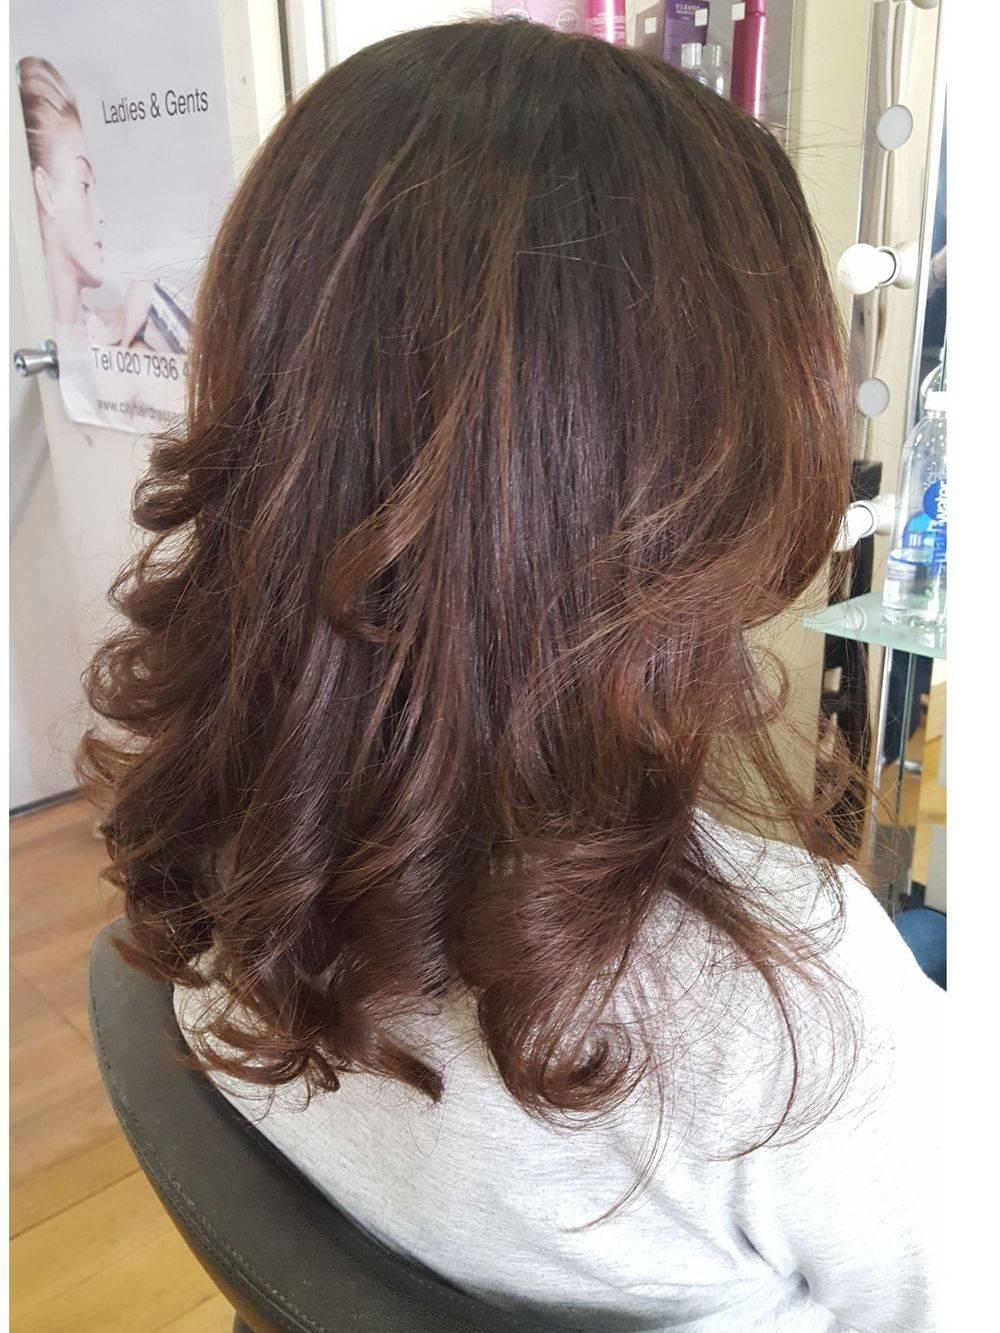 Curly hair stylist London Hairdressers hair salon